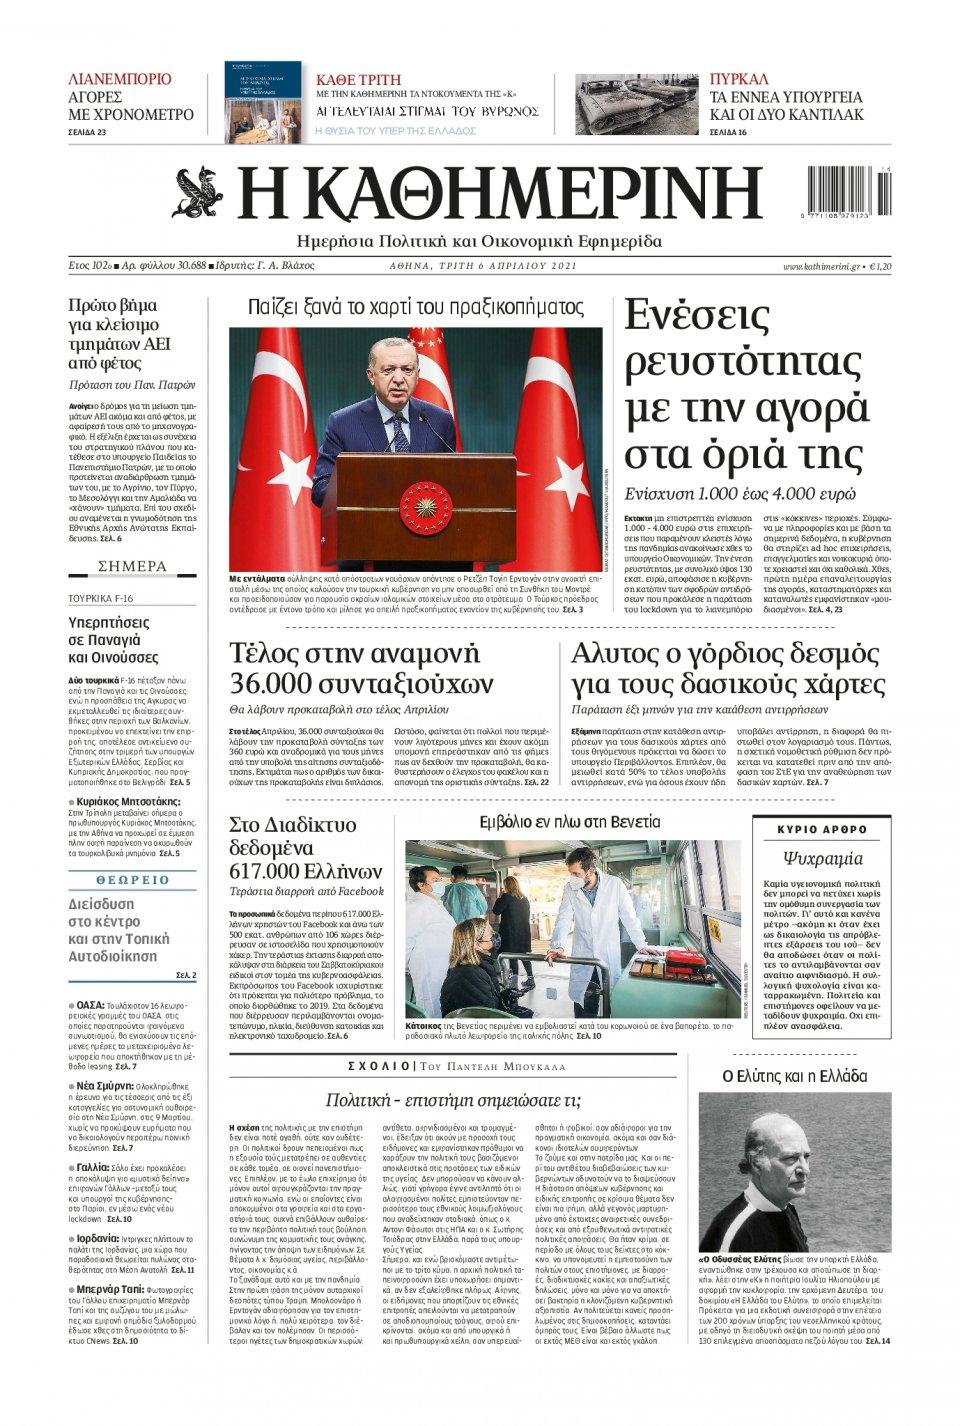 Πρωτοσέλιδο Εφημερίδας - Καθημερινή - 2021-04-06